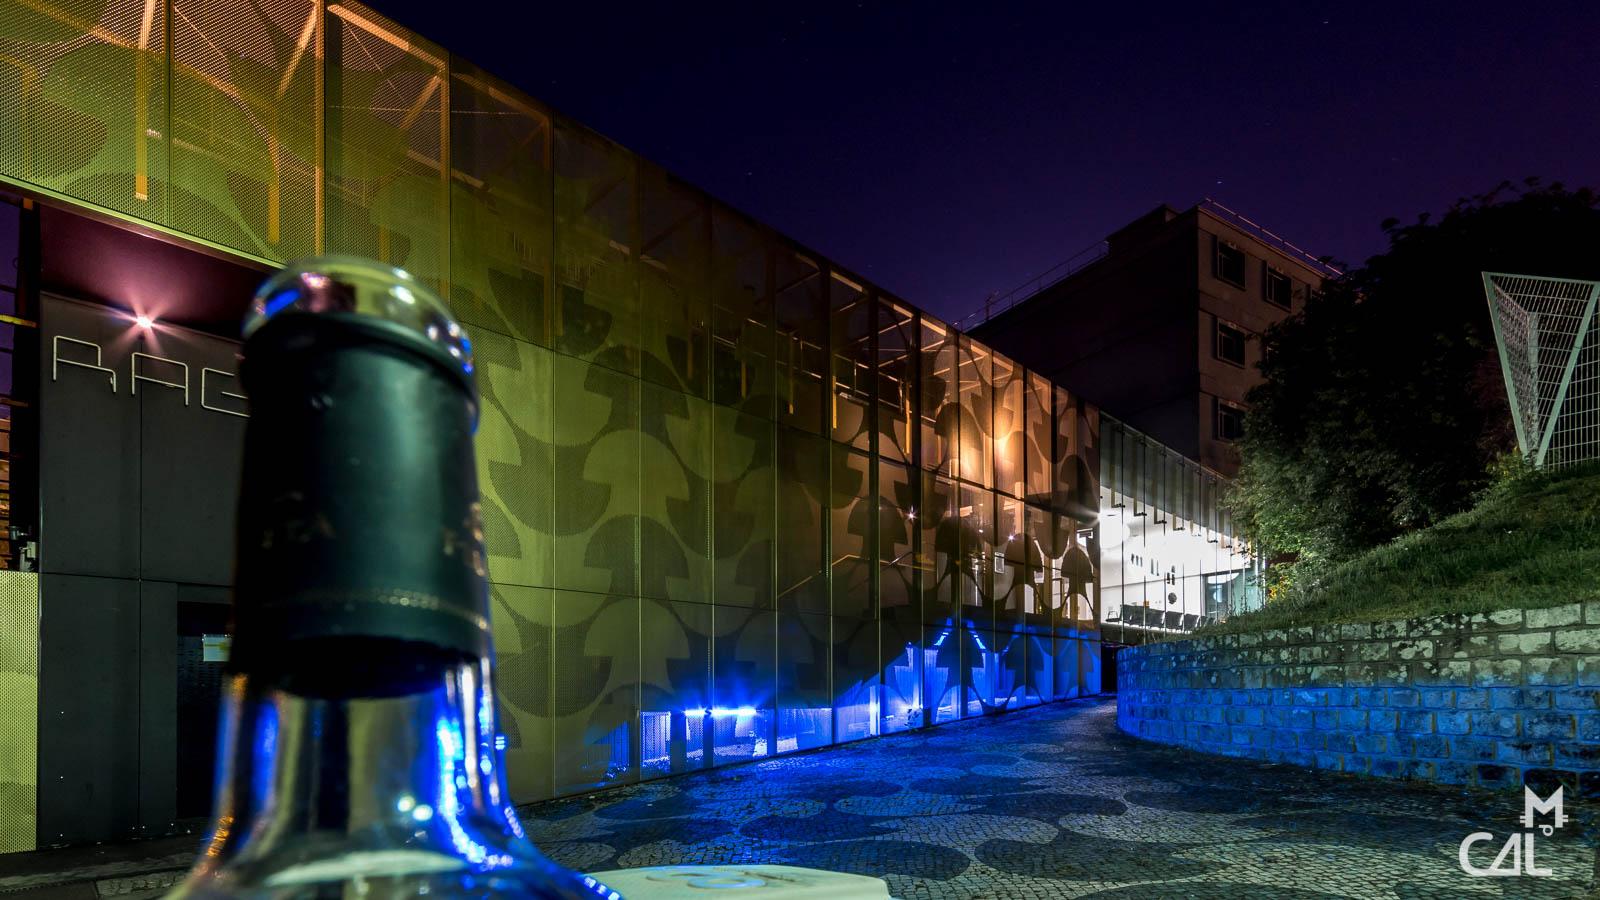 cit universitaire maison du portugal andr de gouveia avec plein de bouteilles vides devant. Black Bedroom Furniture Sets. Home Design Ideas